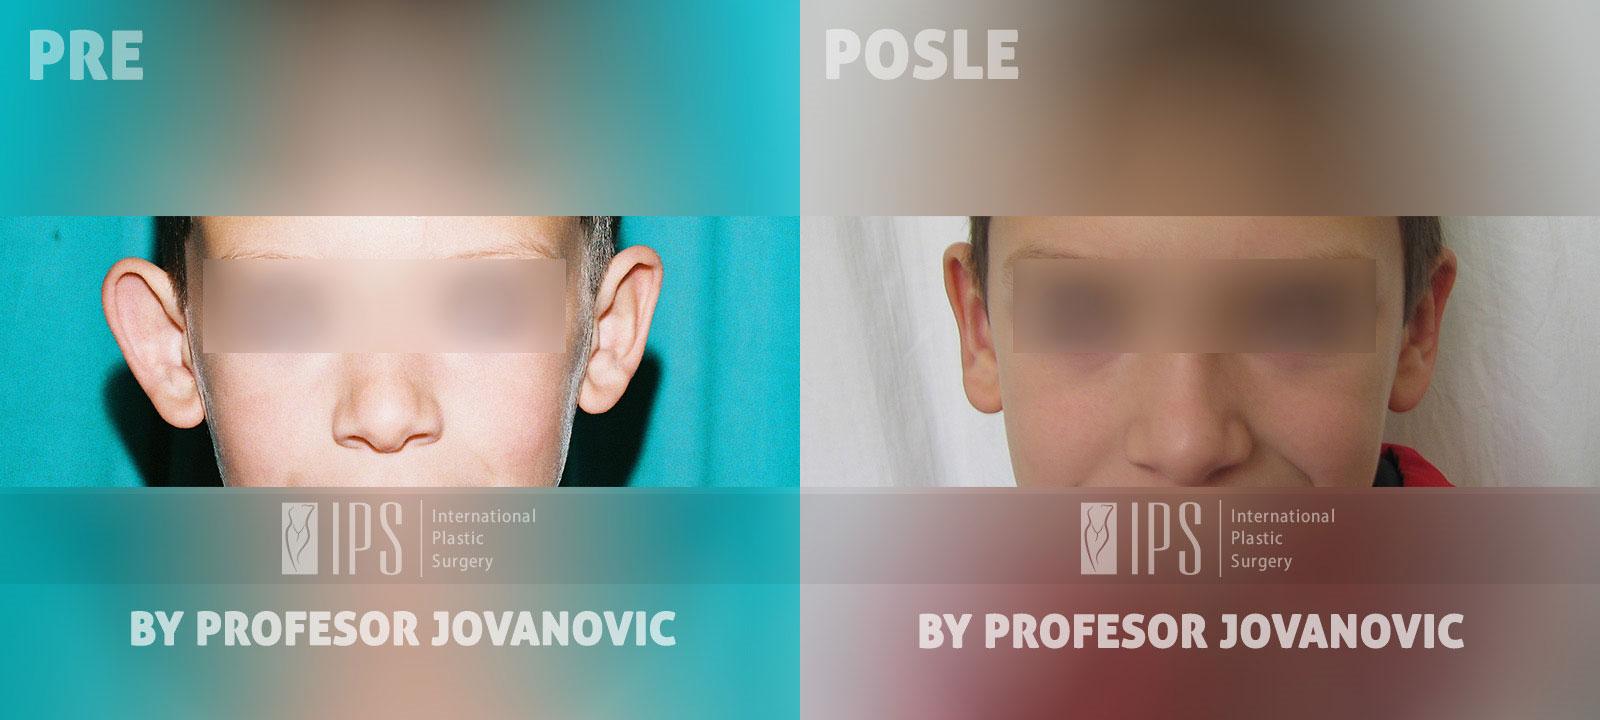 Operacija ušiju - pre i posle